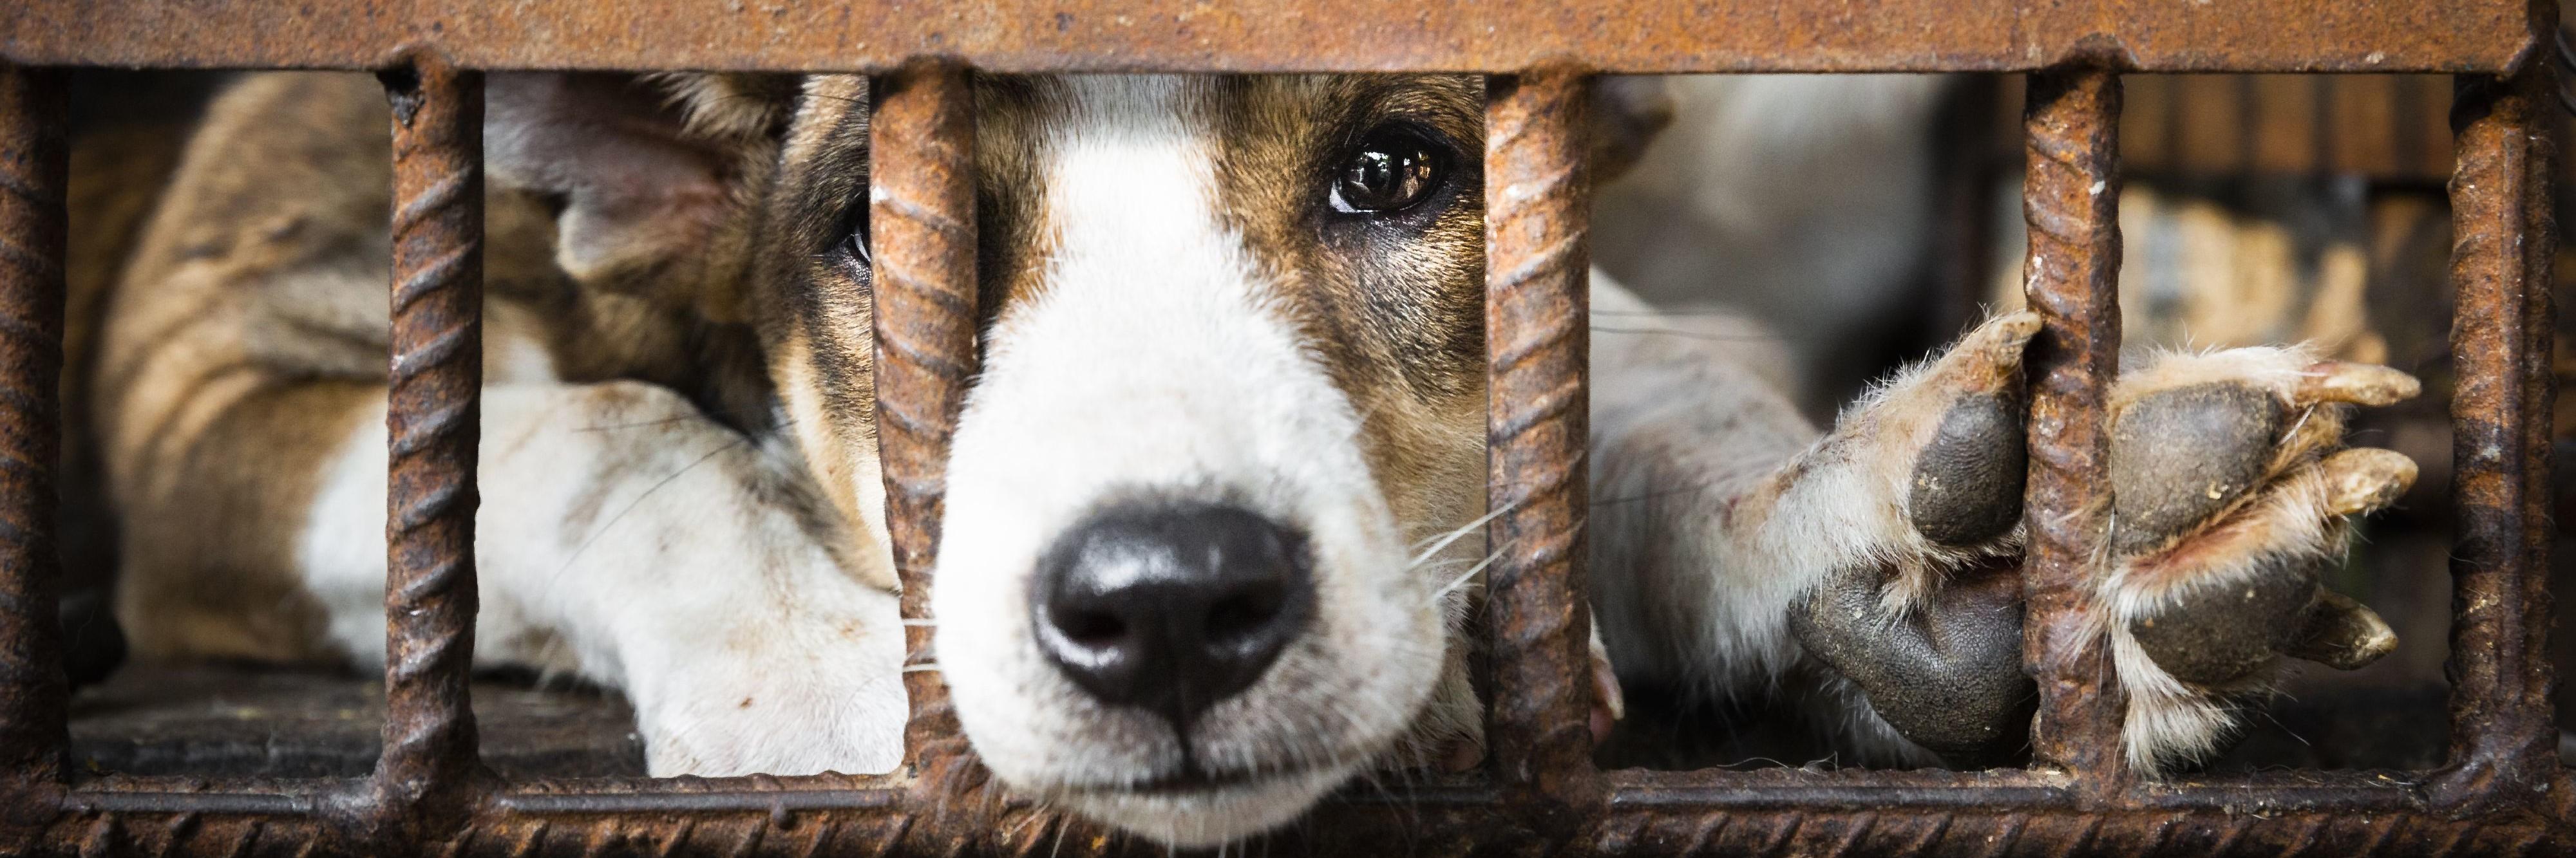 Stopper le commerce de viande de chat et de chien